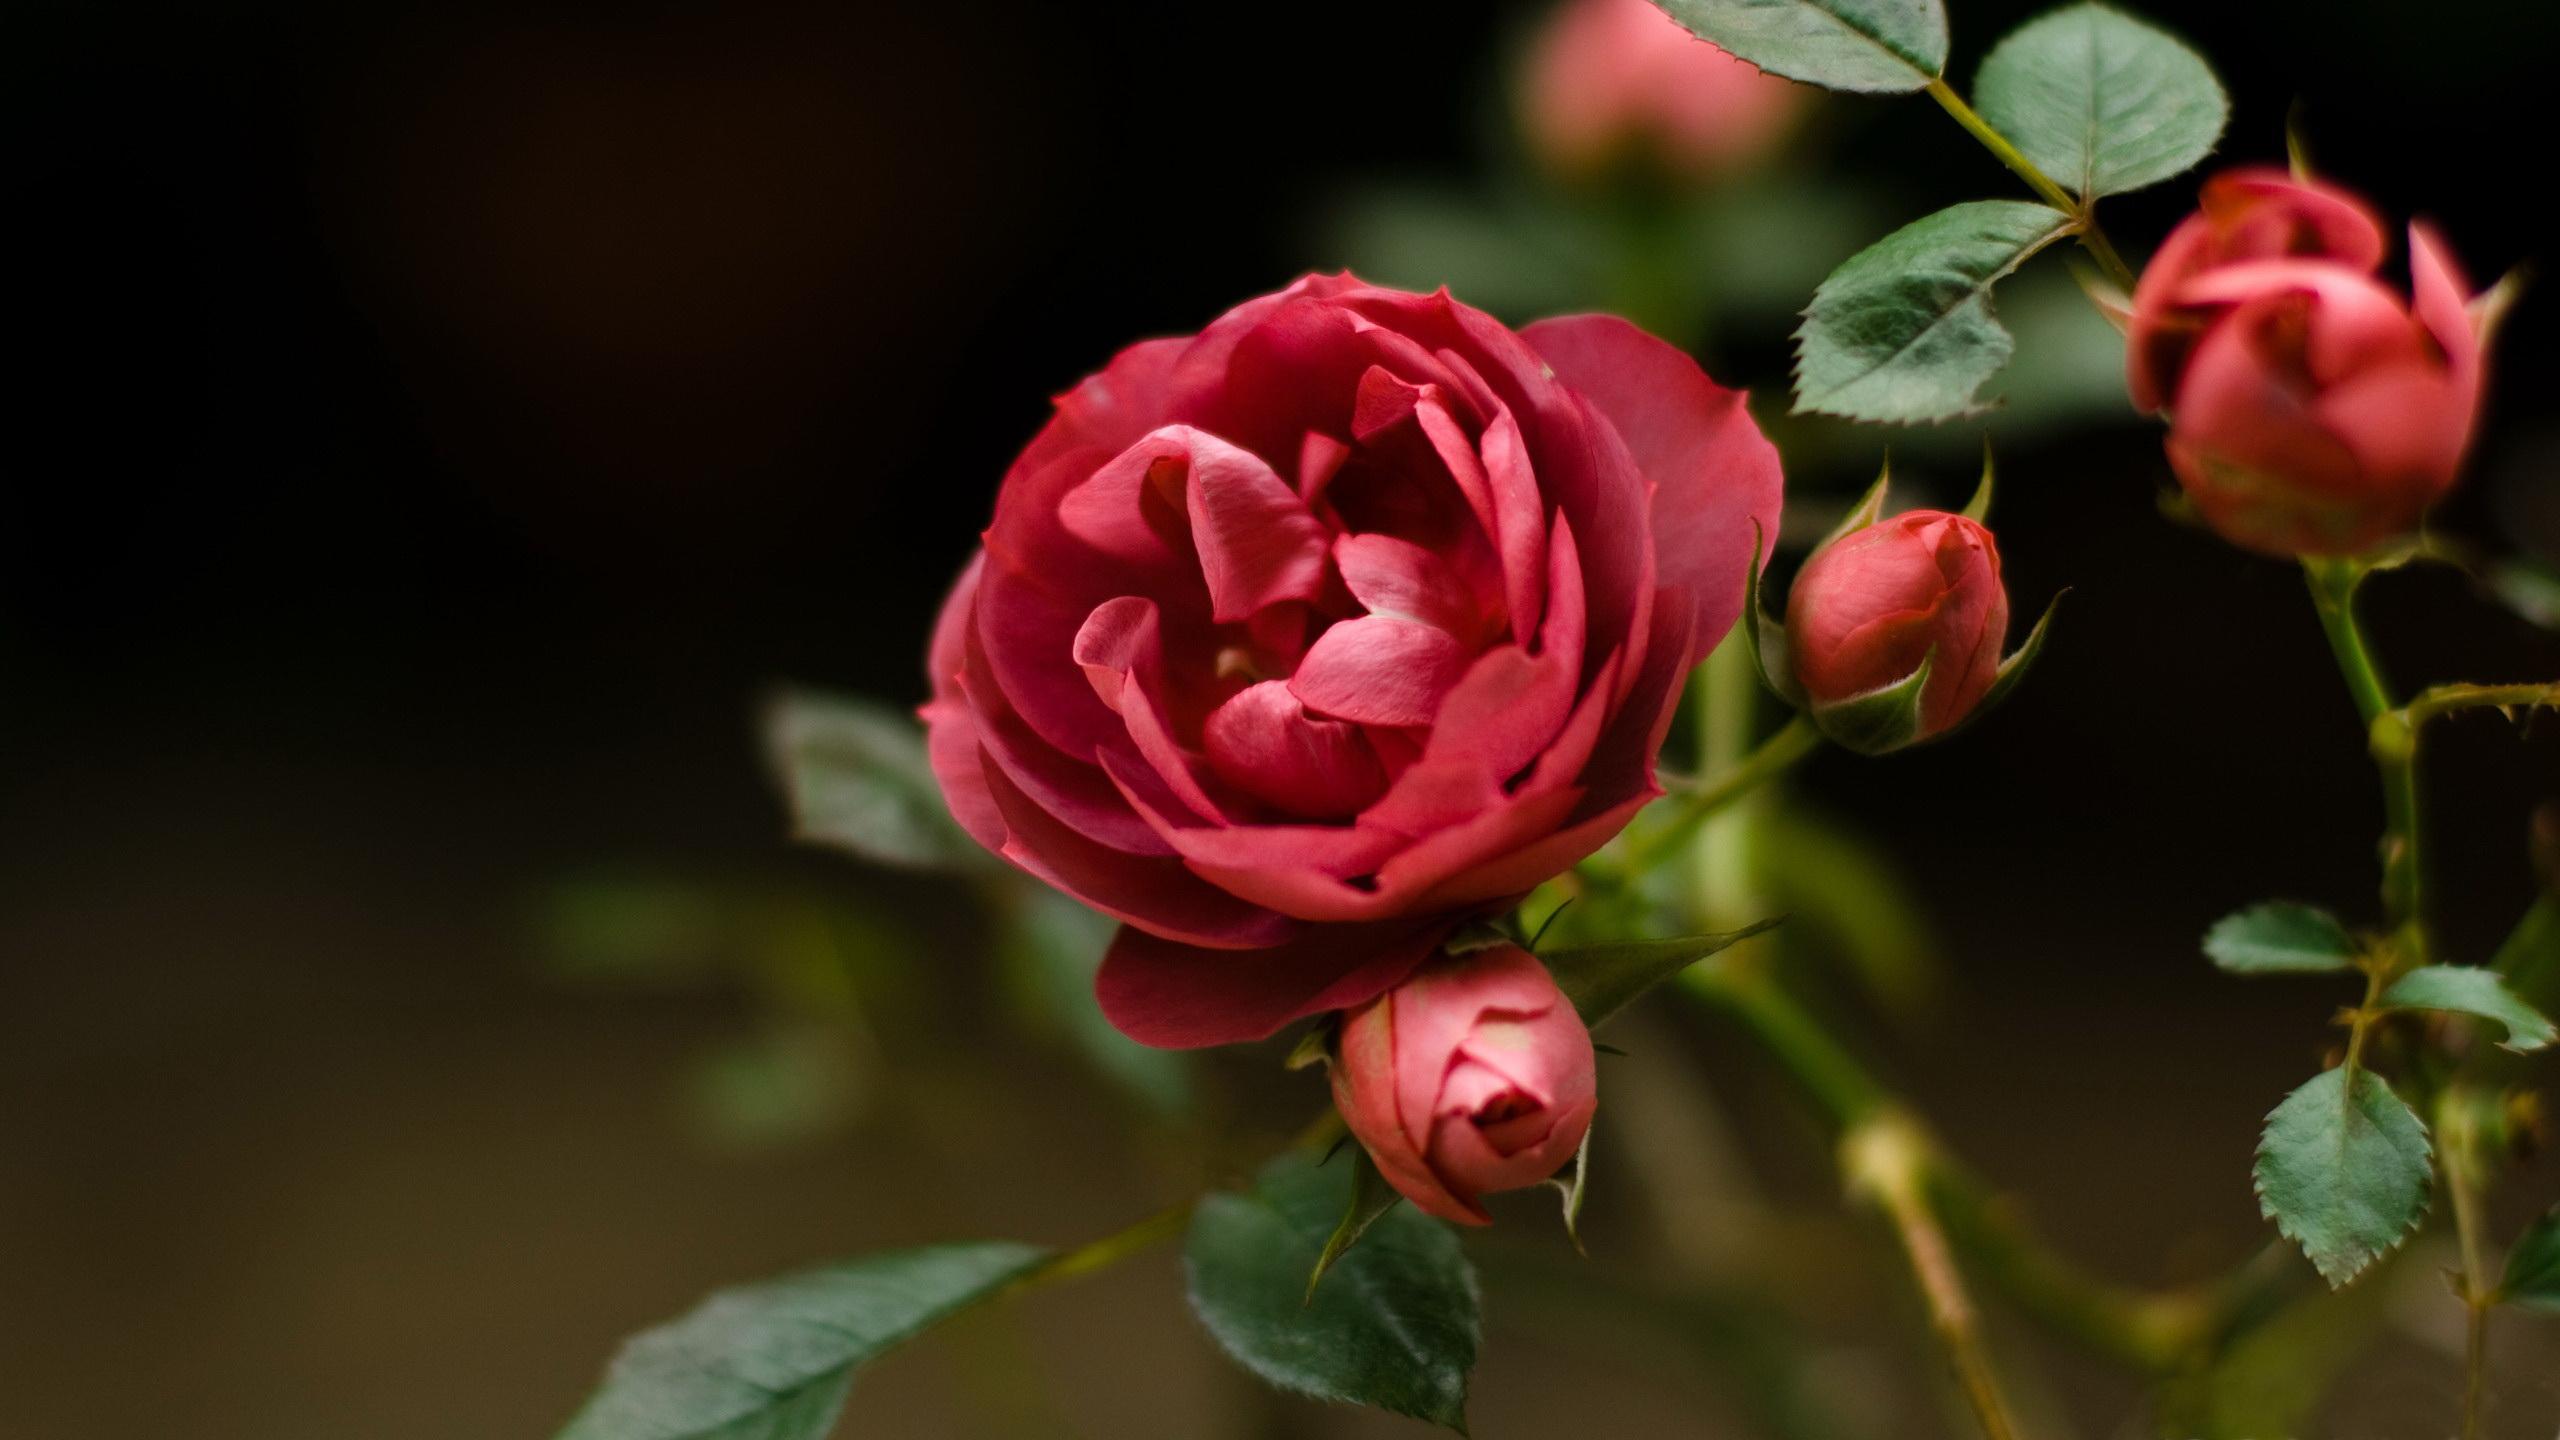 roses-wallpaper-2560x1440.jpg